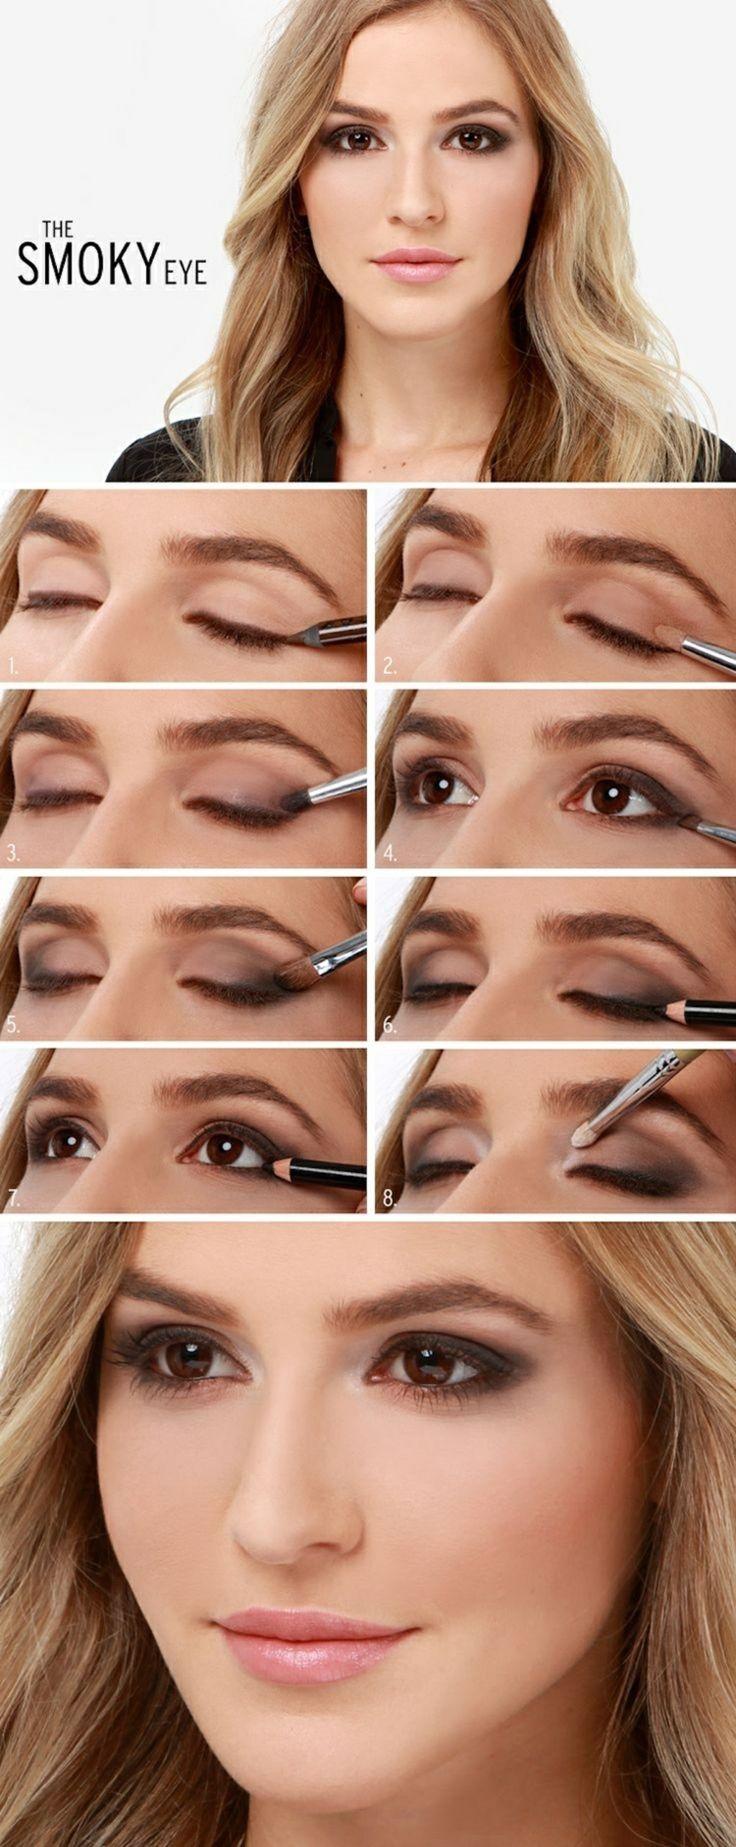 Maquillage des yeux – 12 tips faciles pour un maquillage réussi